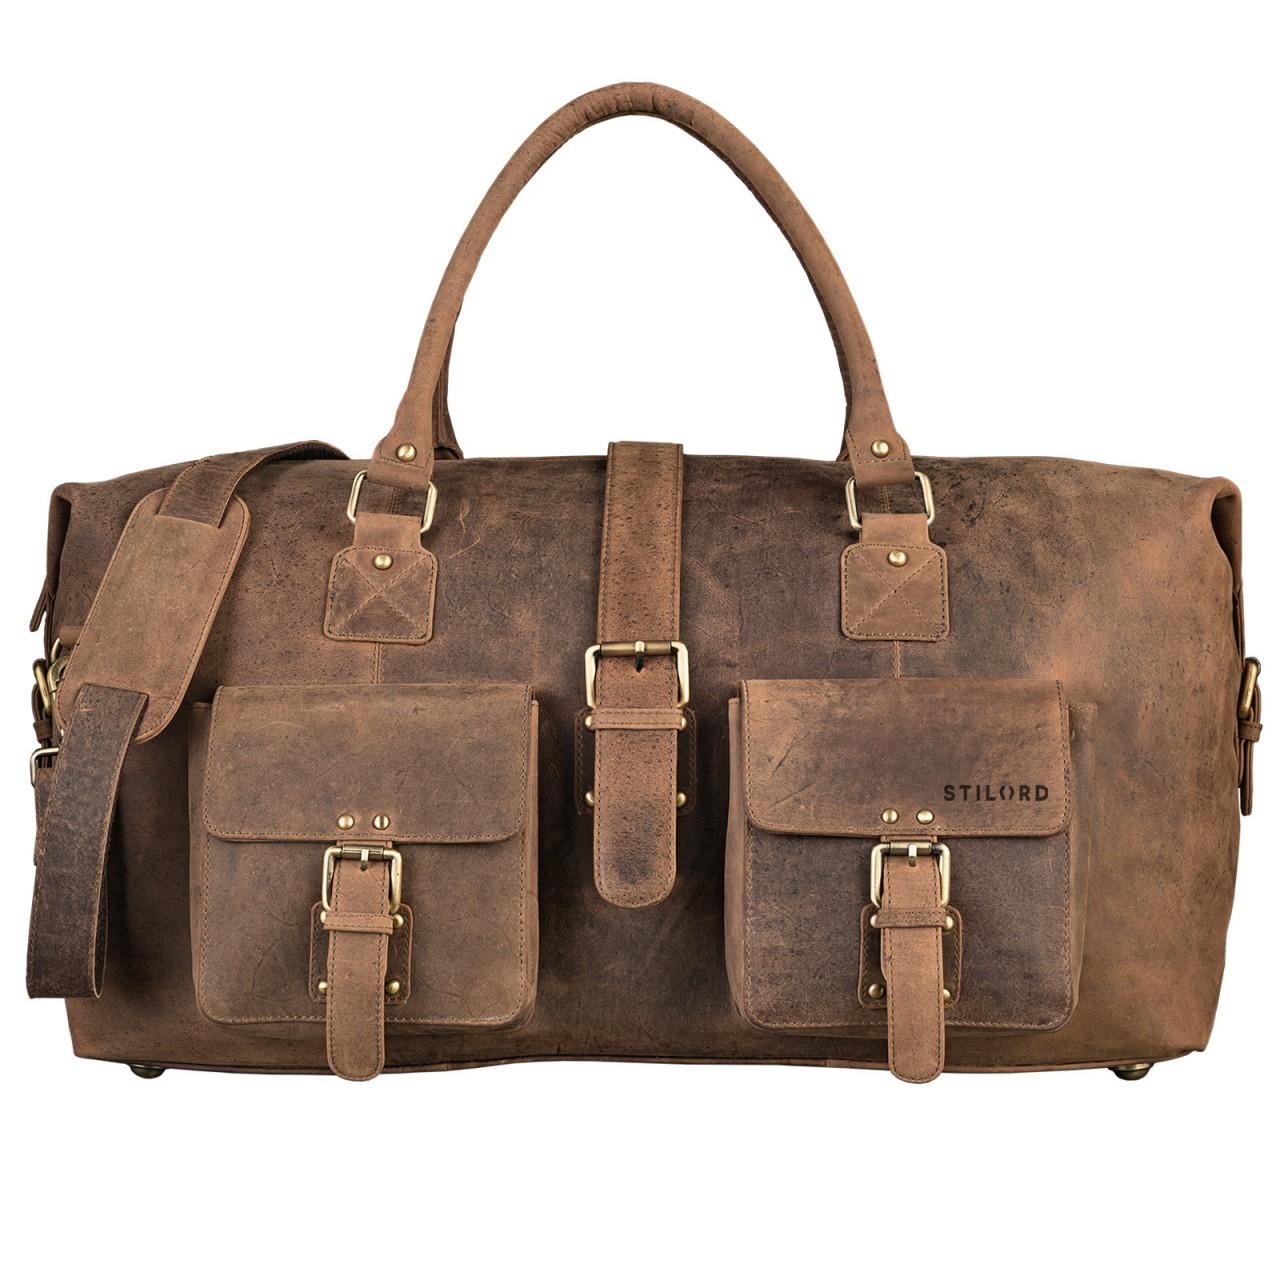 STILORD Vintage Reisetasche groß für Herren Ledertasche Urlaub Retro Sporttasche Weekender Bag aus echtem Leder braun - Bild 1